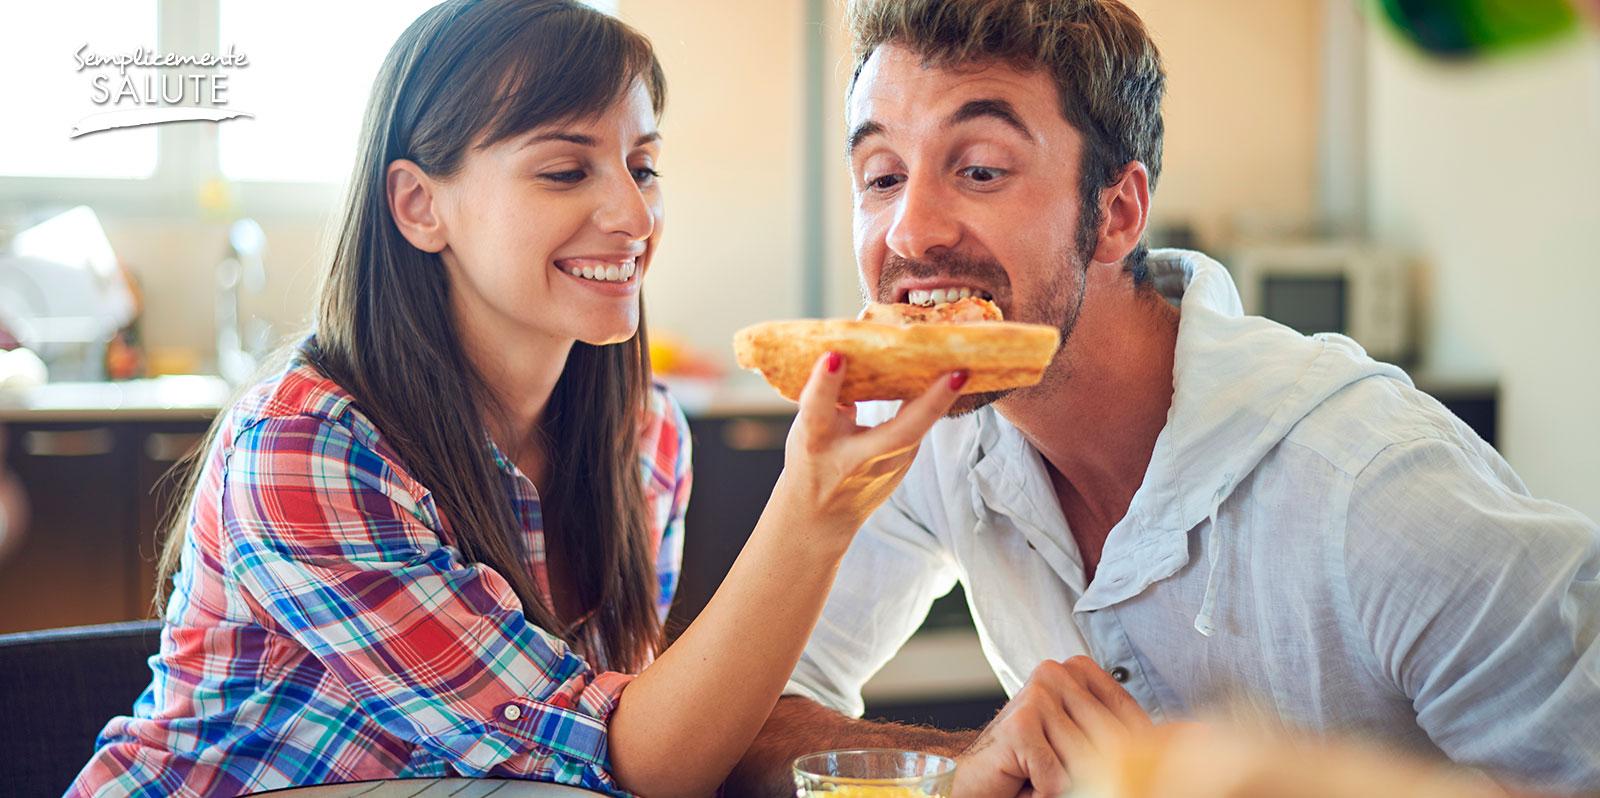 uomo mangia di piu con la donna